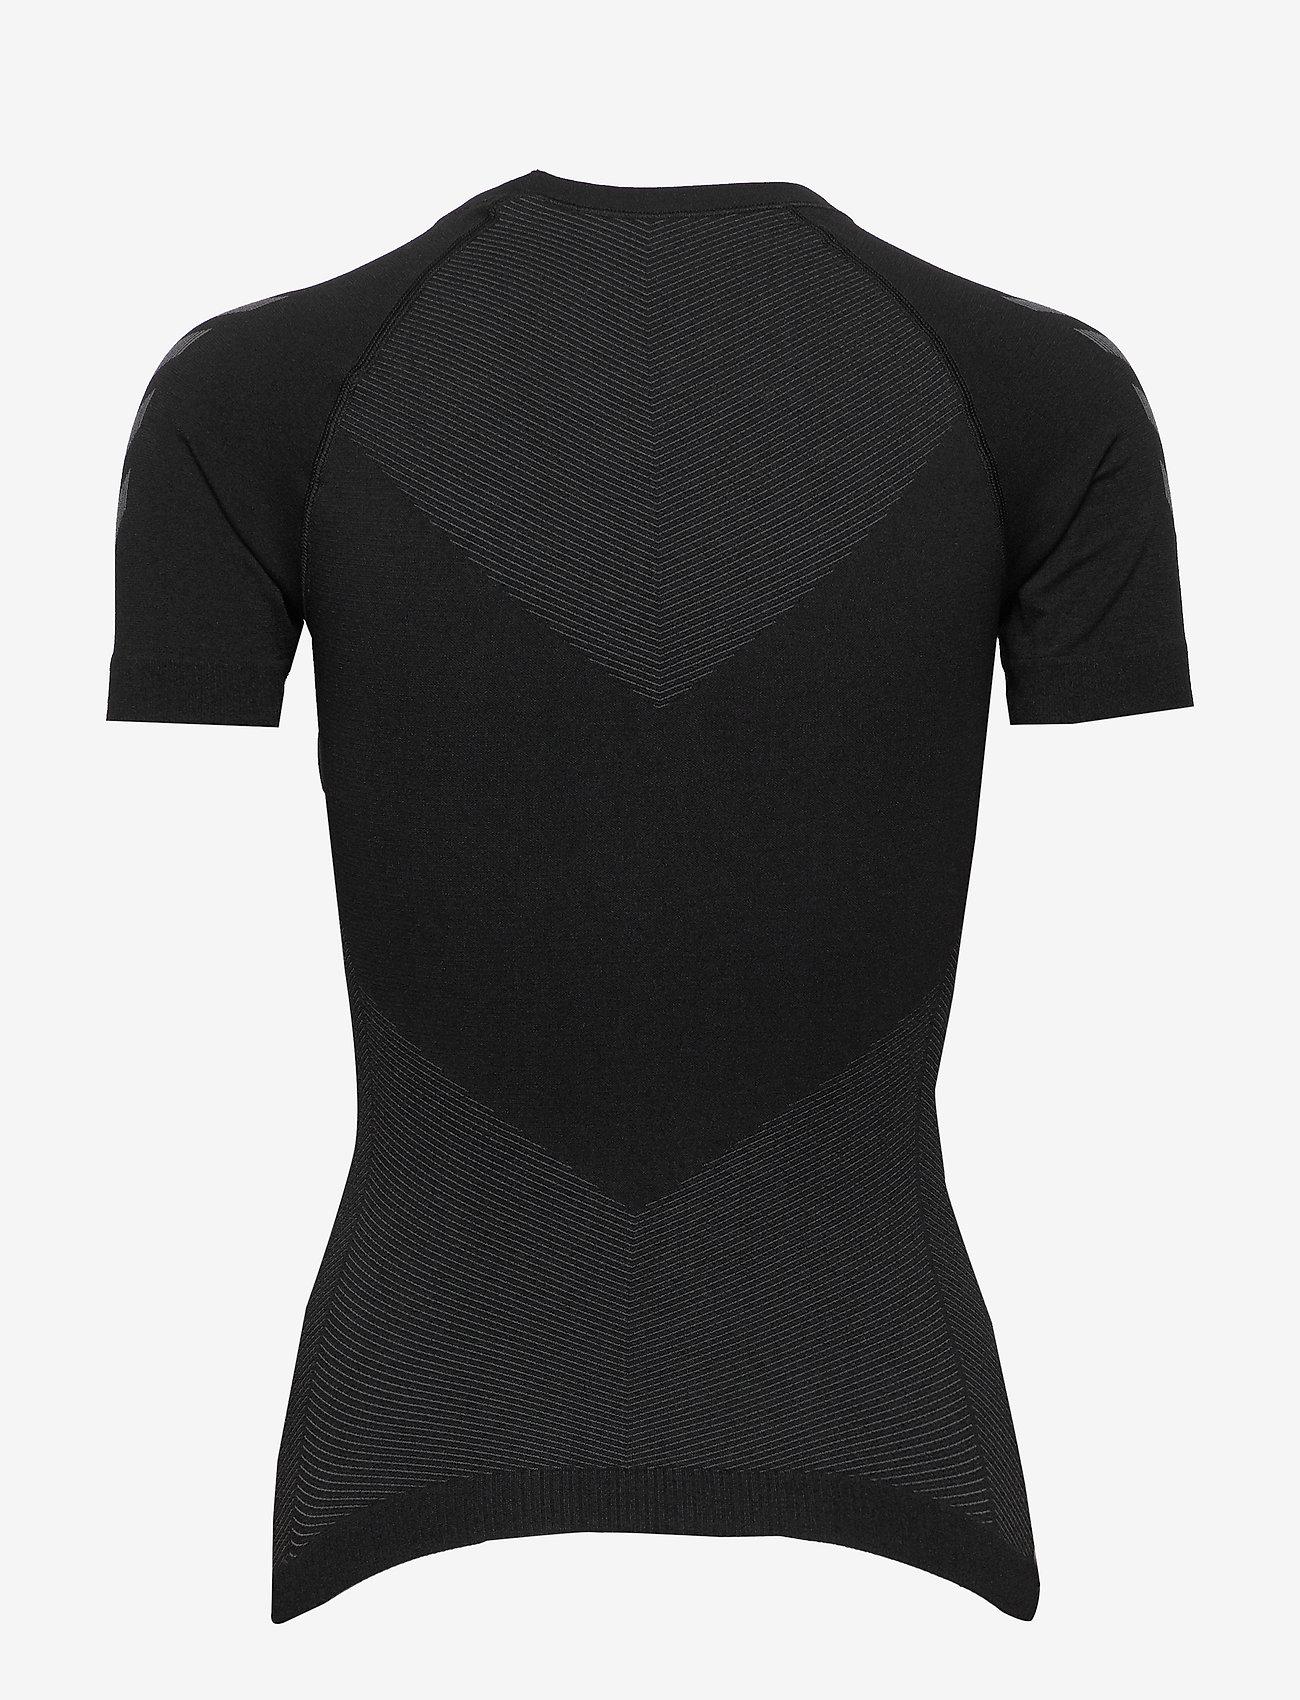 Hummel First Seamless Jersey S/s Woman (Black) (350 kr) - Hummel